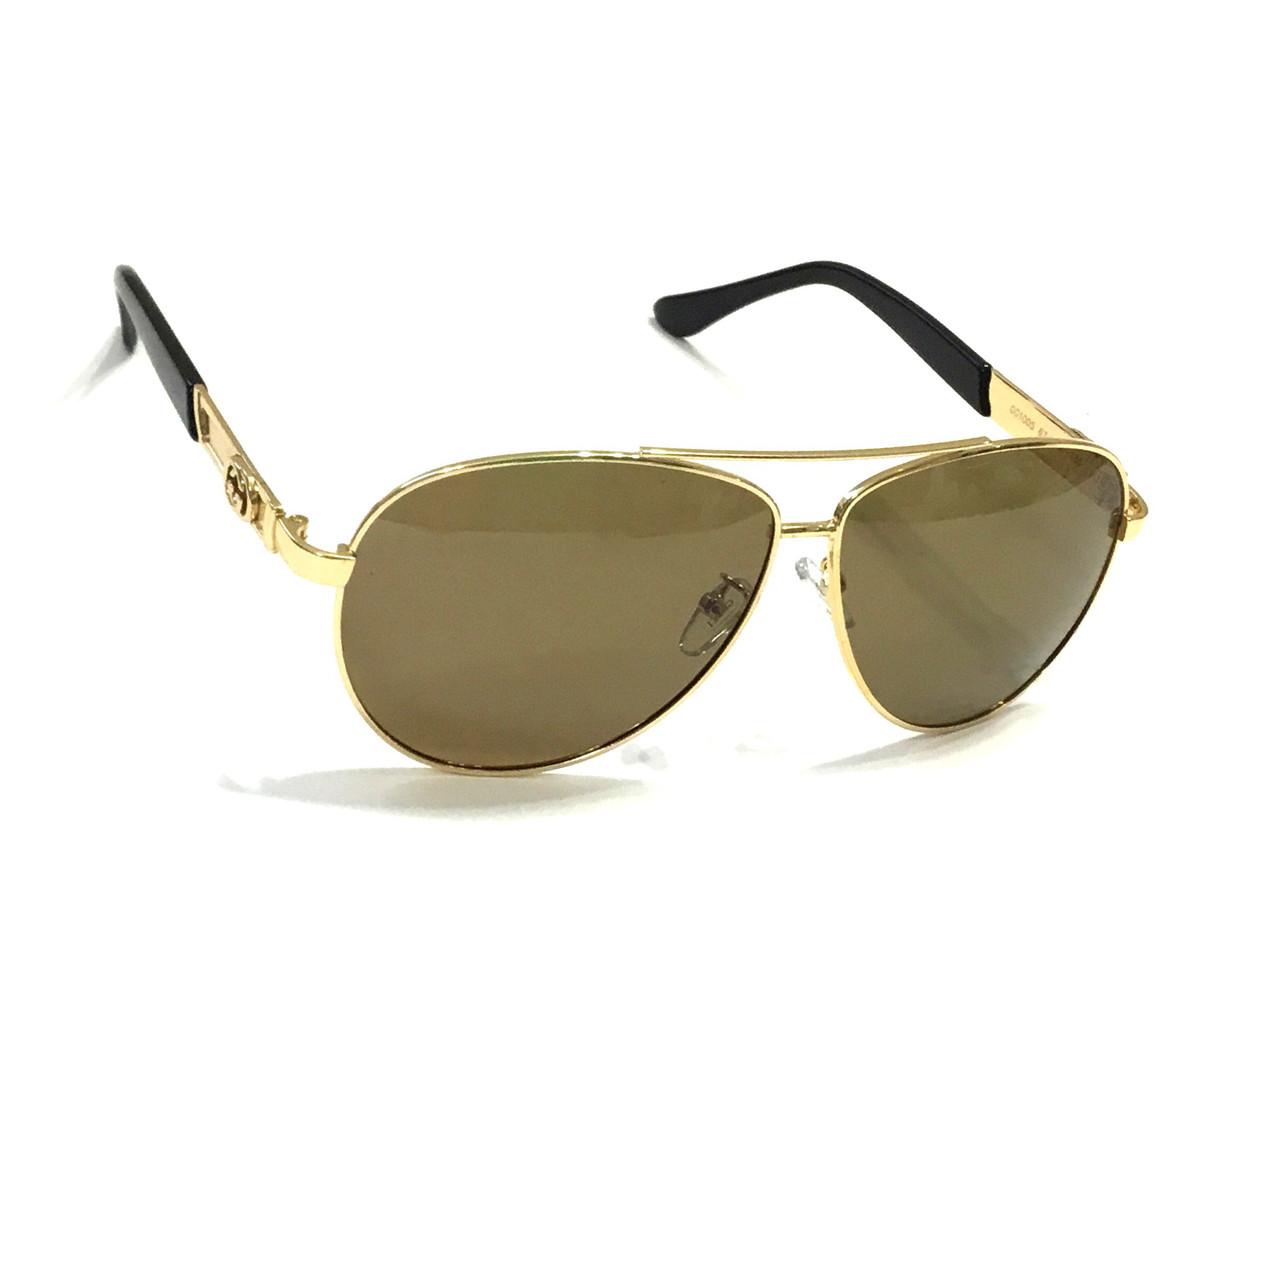 Чоловічі сонцезахисні окуляри з лінзою полароїдної